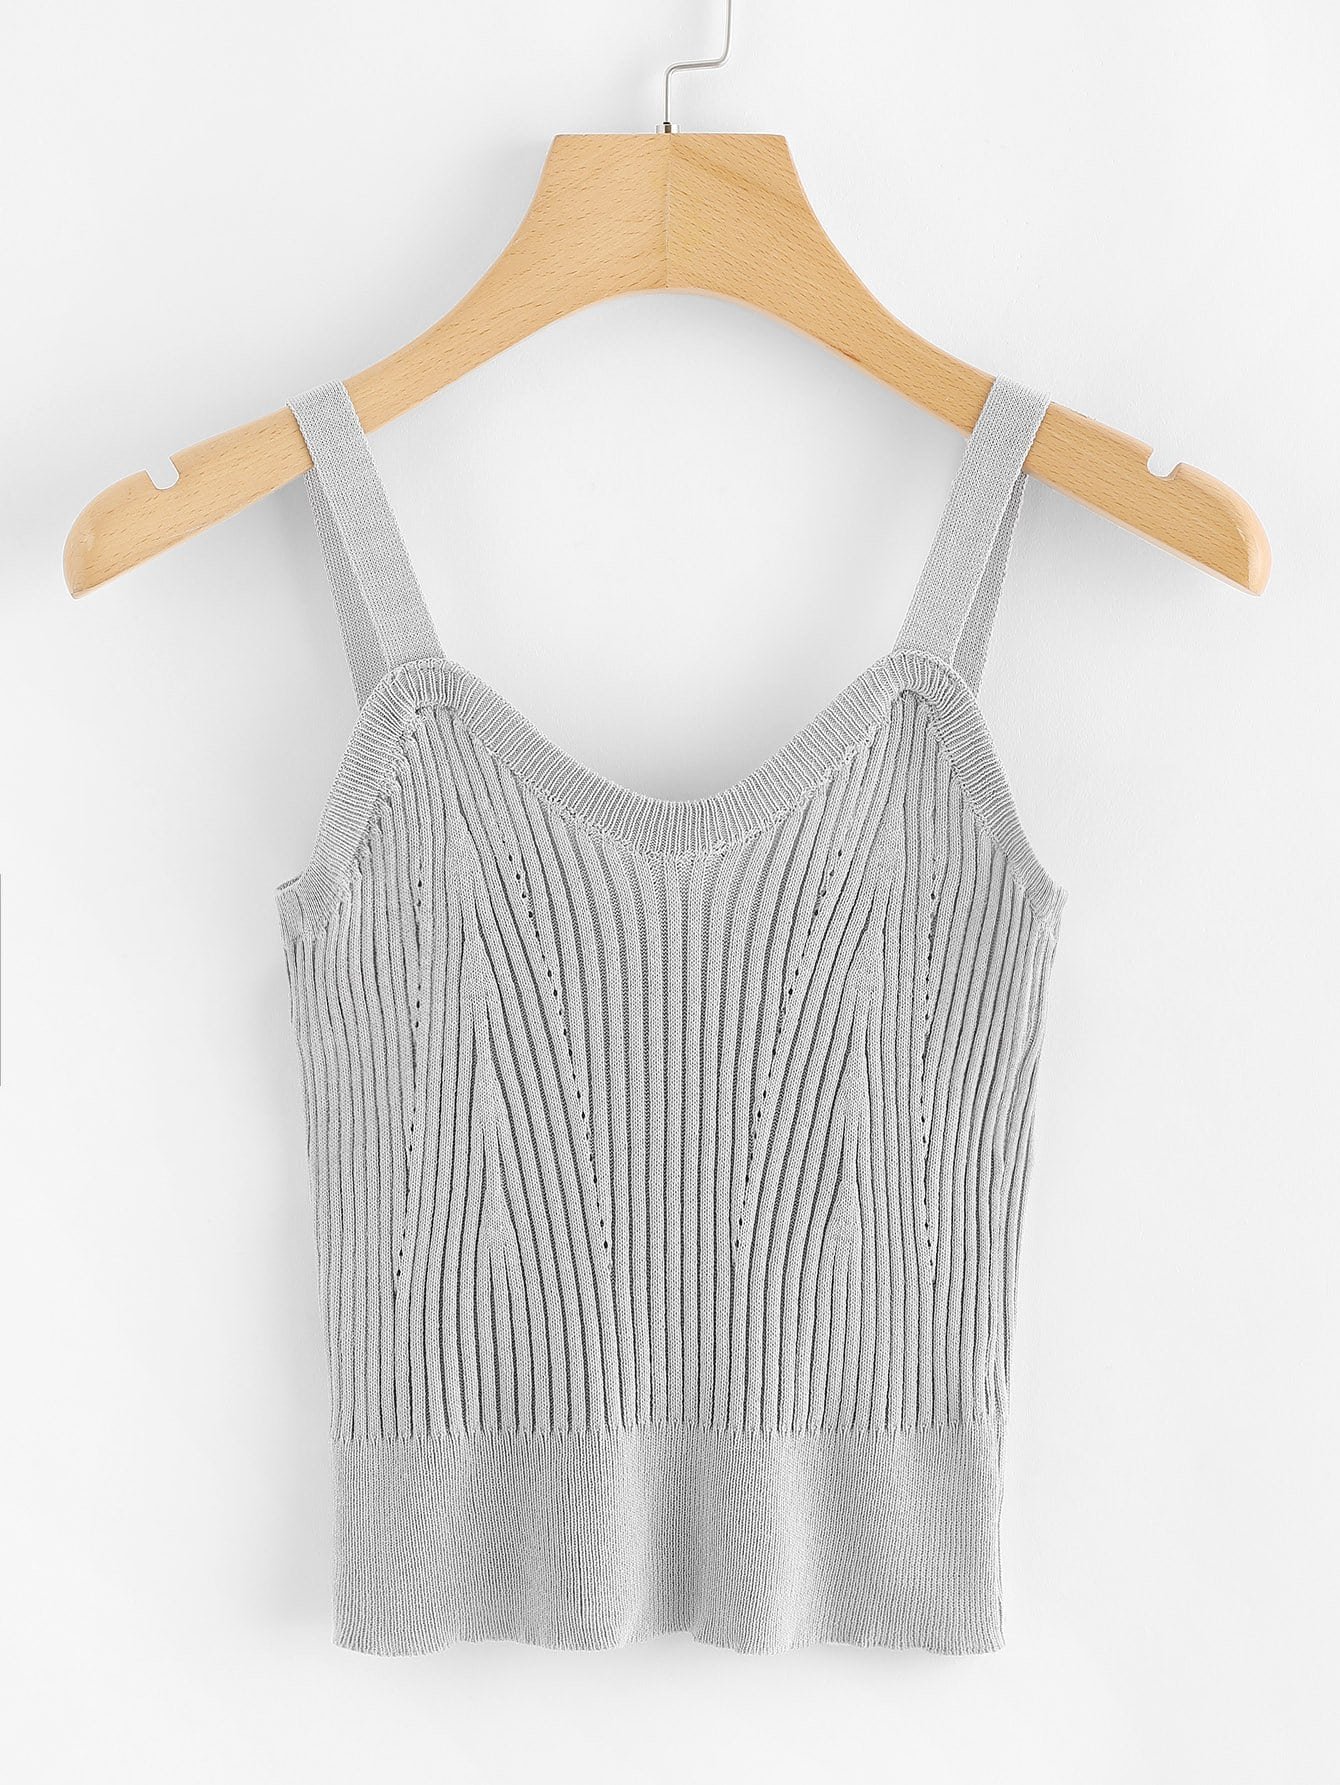 Ribbed Knit Cami Top rves180420161